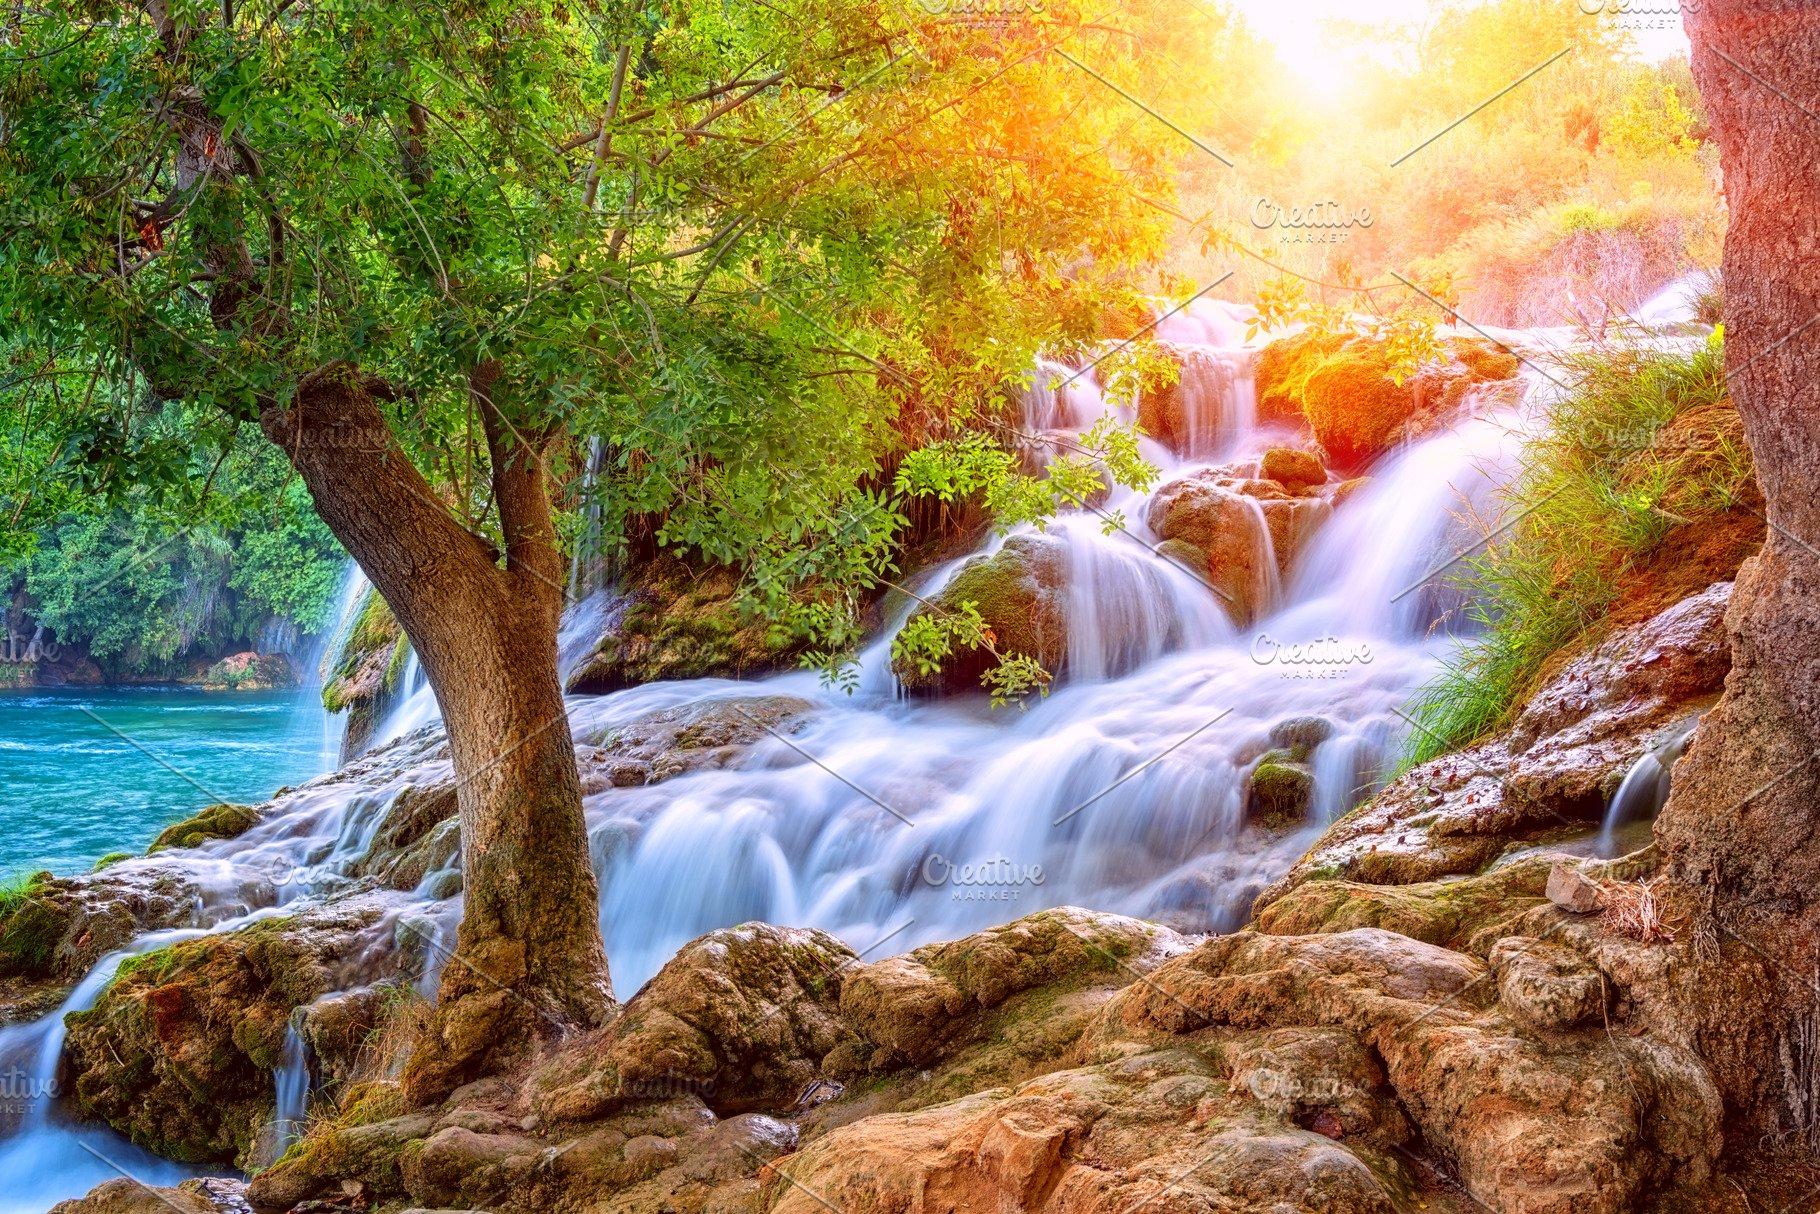 Amazing nature landscape